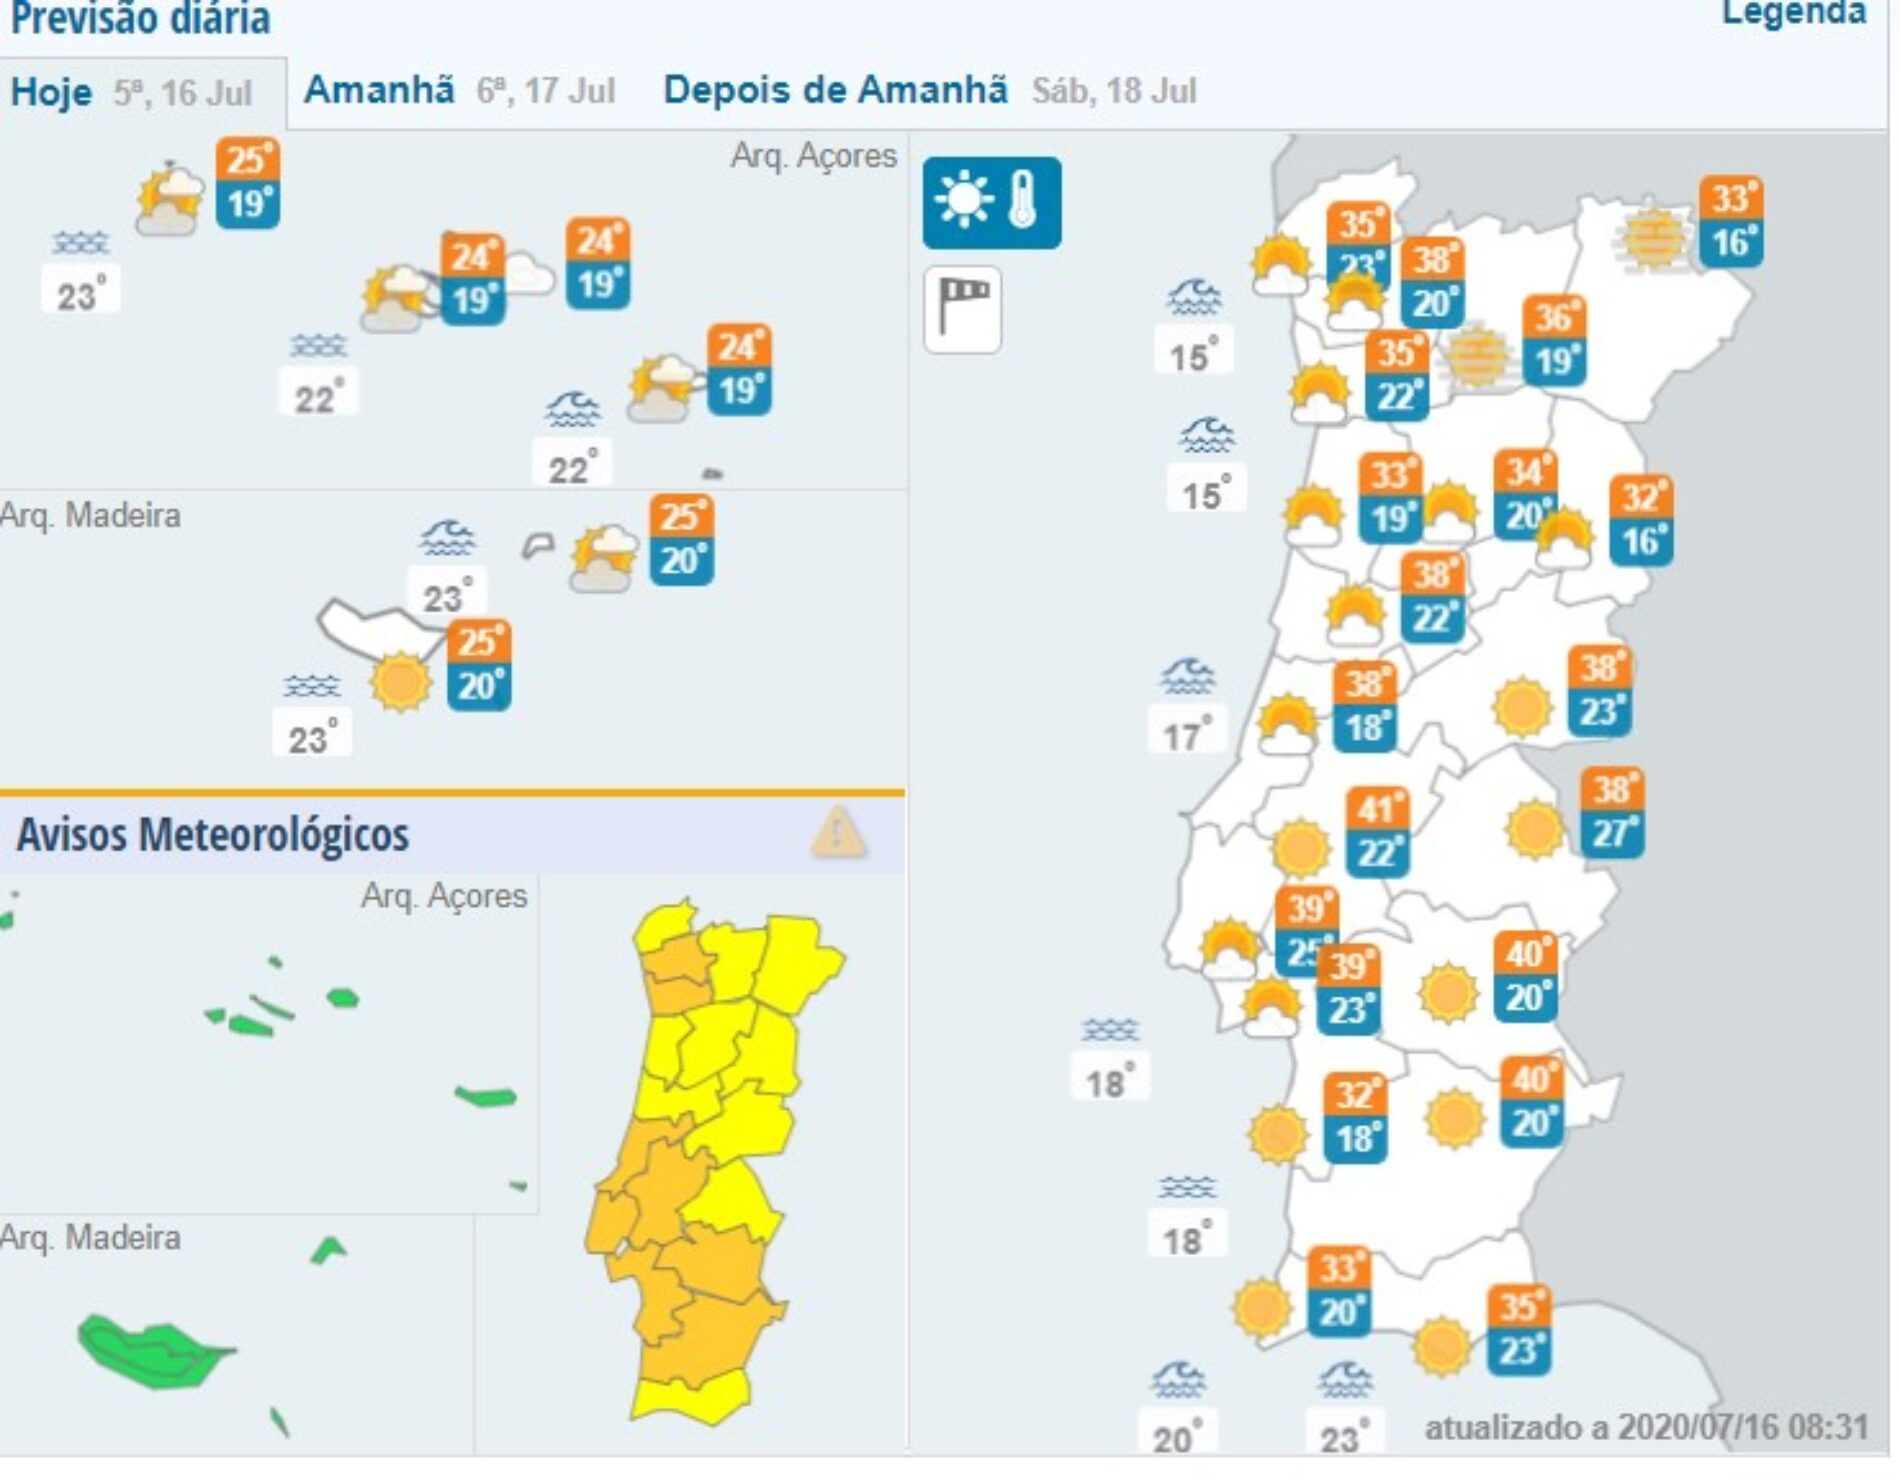 Calor põe oito distritos sob aviso laranja. Temperaturas chegam aos 41ºC